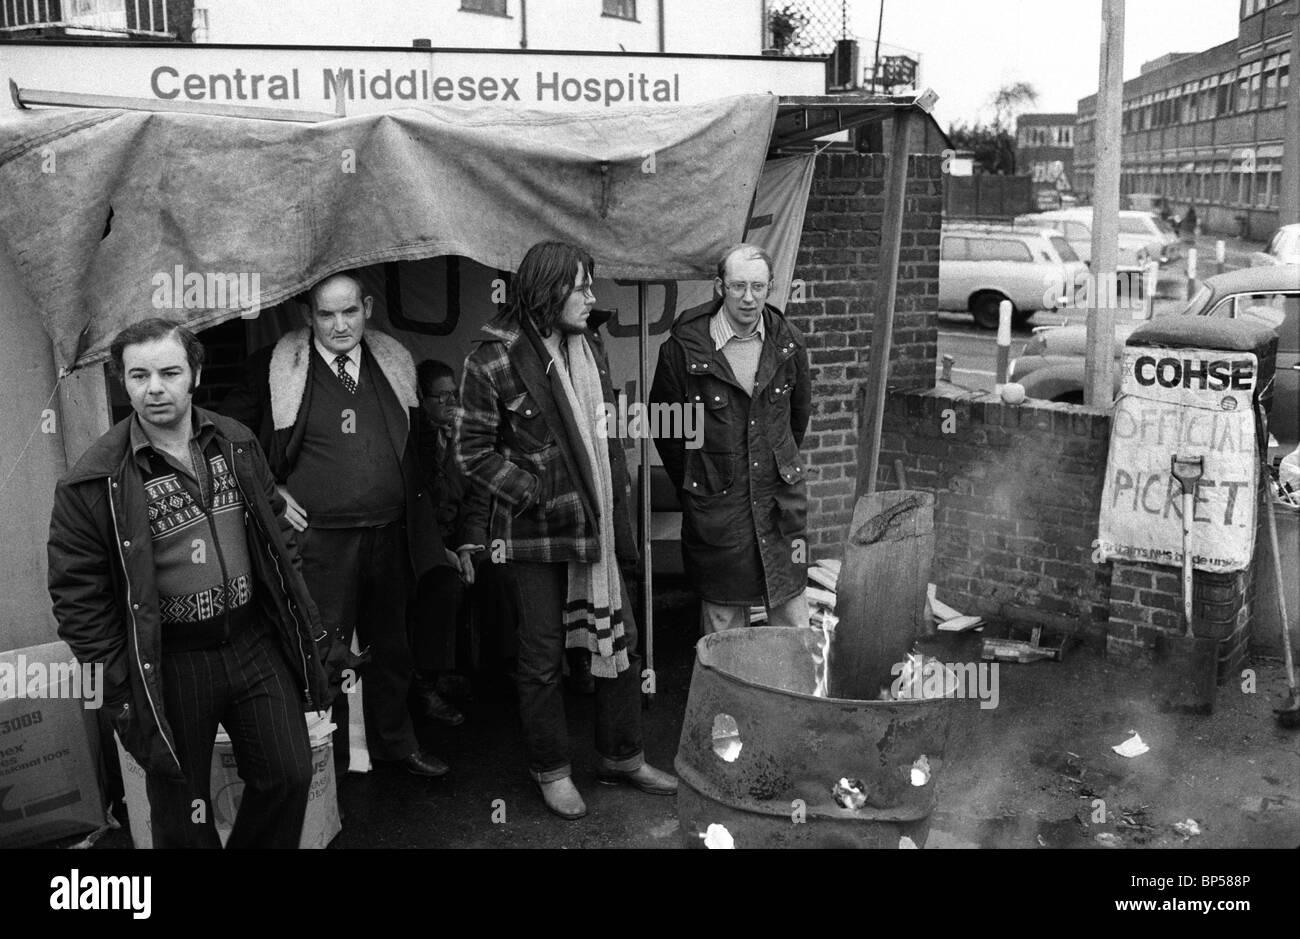 """""""Invierno del descontento"""", Londres. El Hospital Central de Middlesex. COHSE diario piquete. Londres 1978 Imagen De Stock"""